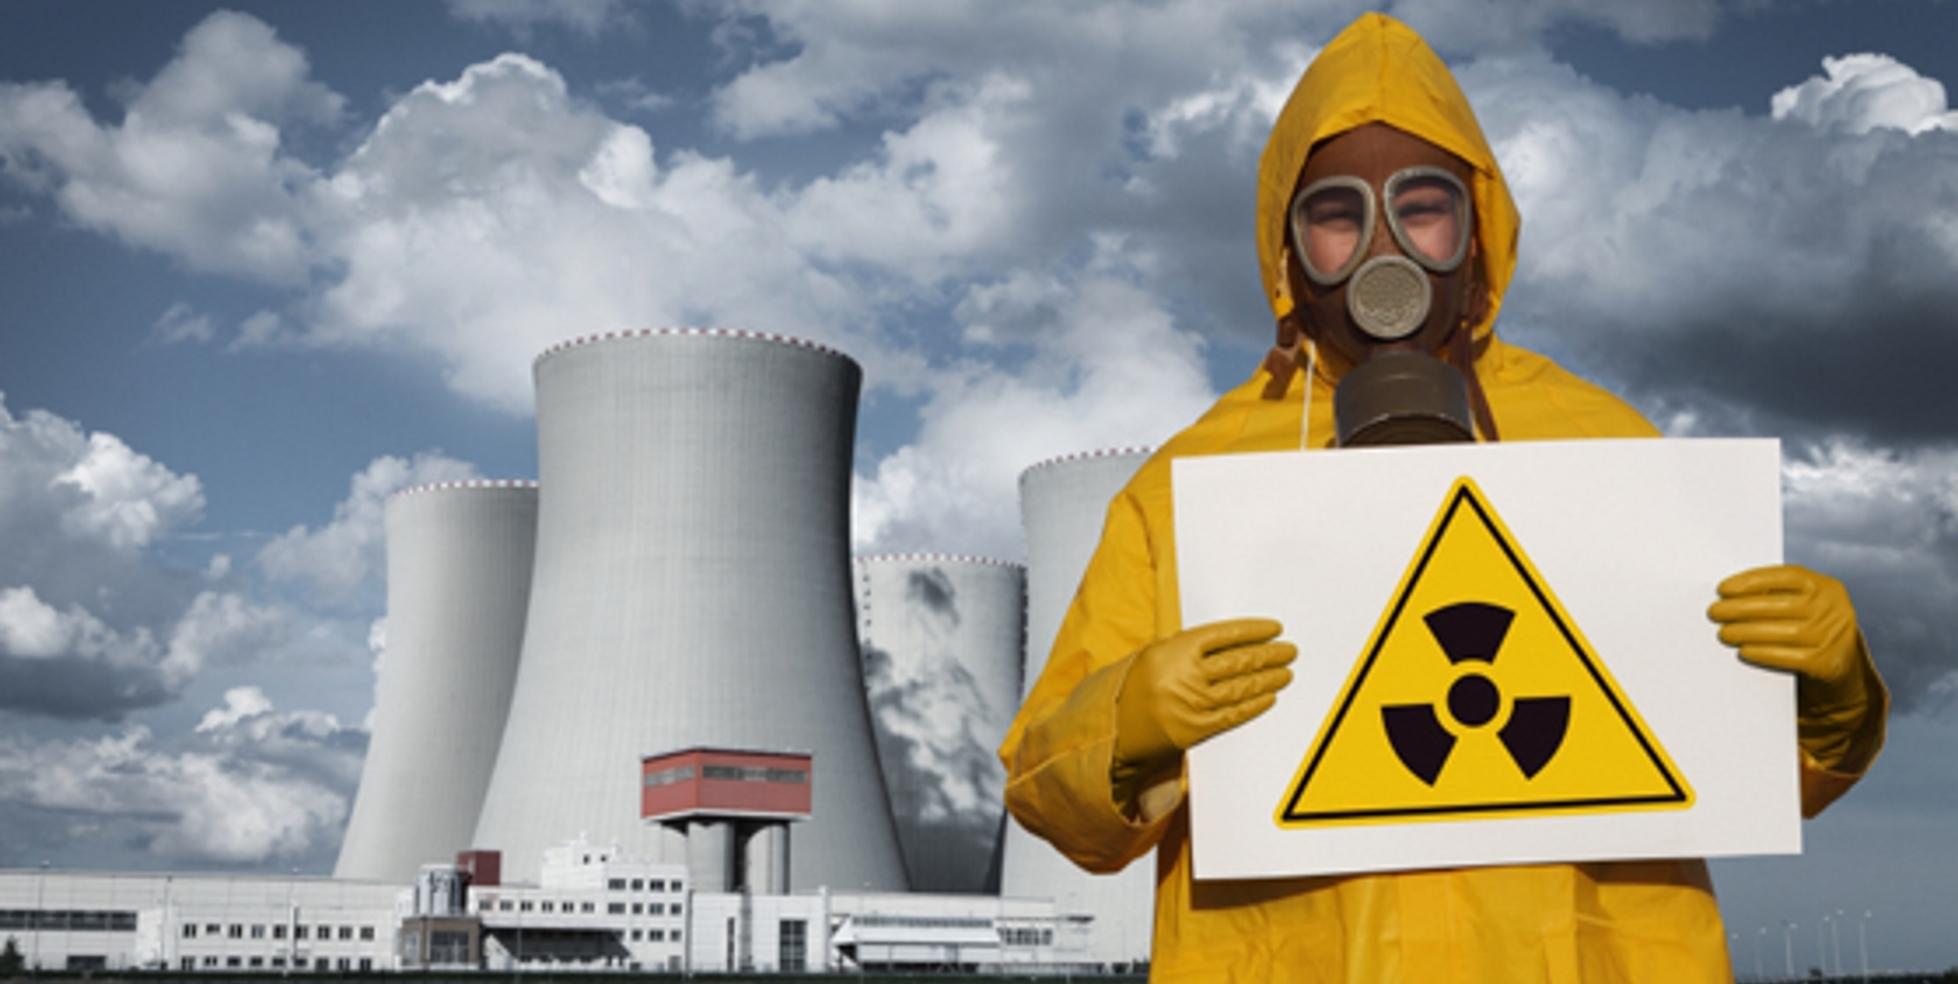 Подготовка специалистов по радиационной безопасности и контролю